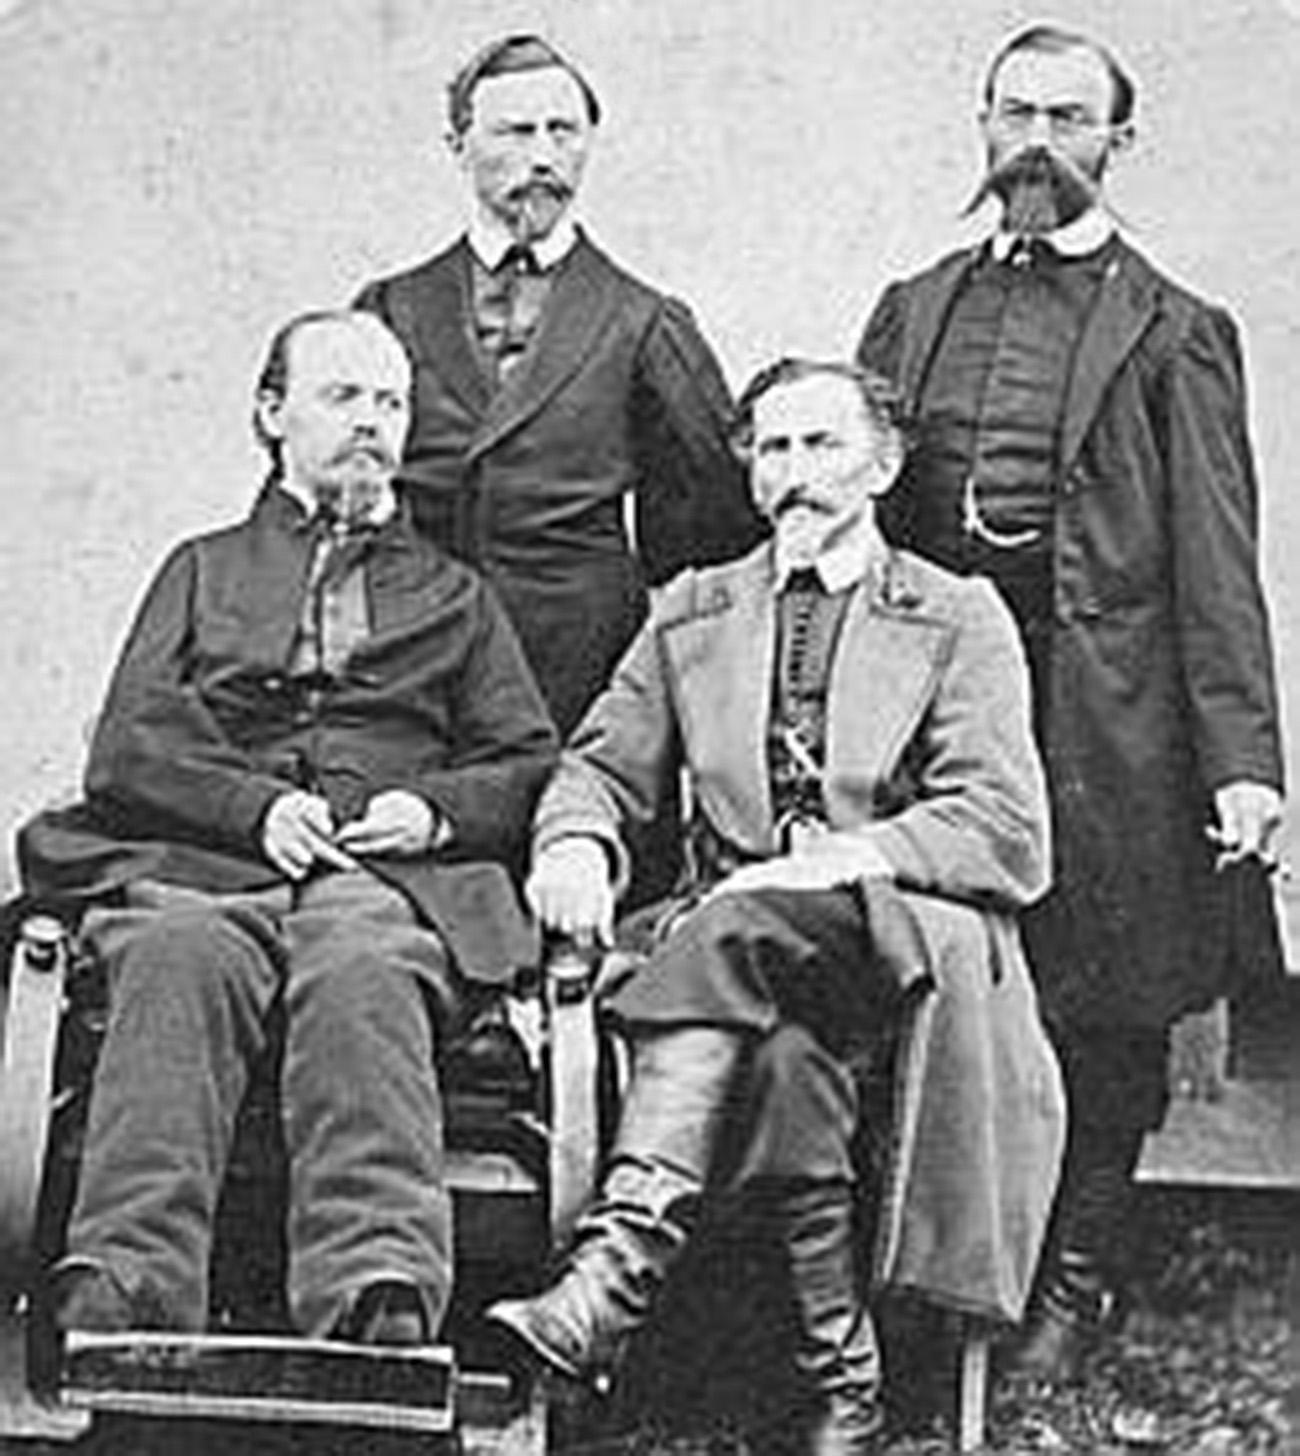 Bracia Żuk - Skarszewscy Ojciec Michał synowie - Marceli Prot i Faustyn Józef